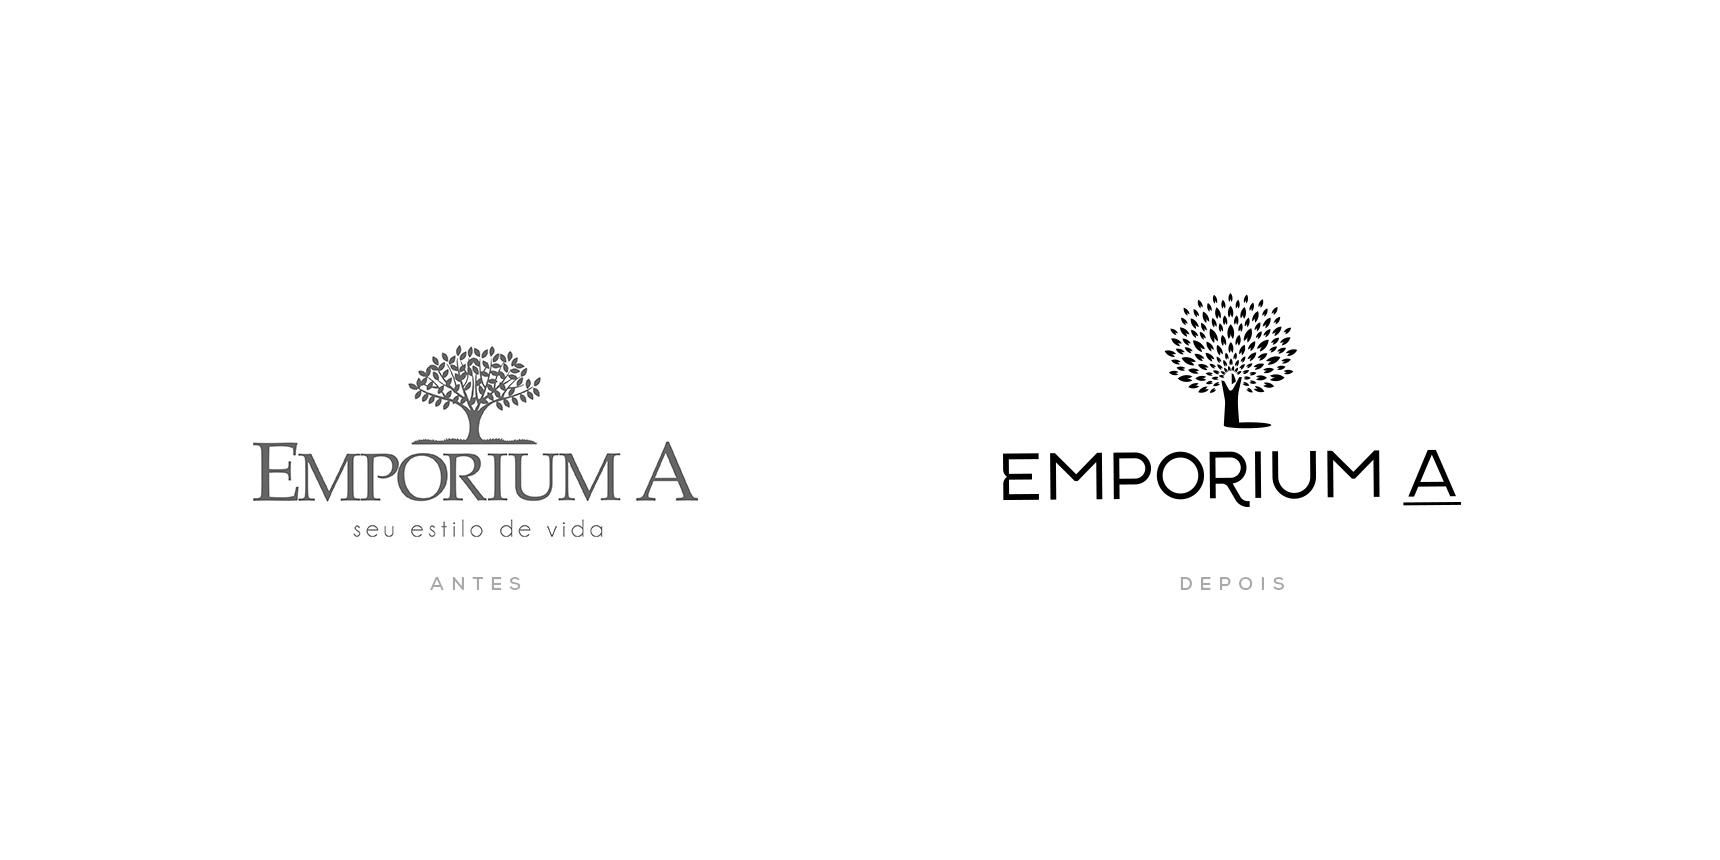 firmorama_emporium-a_03